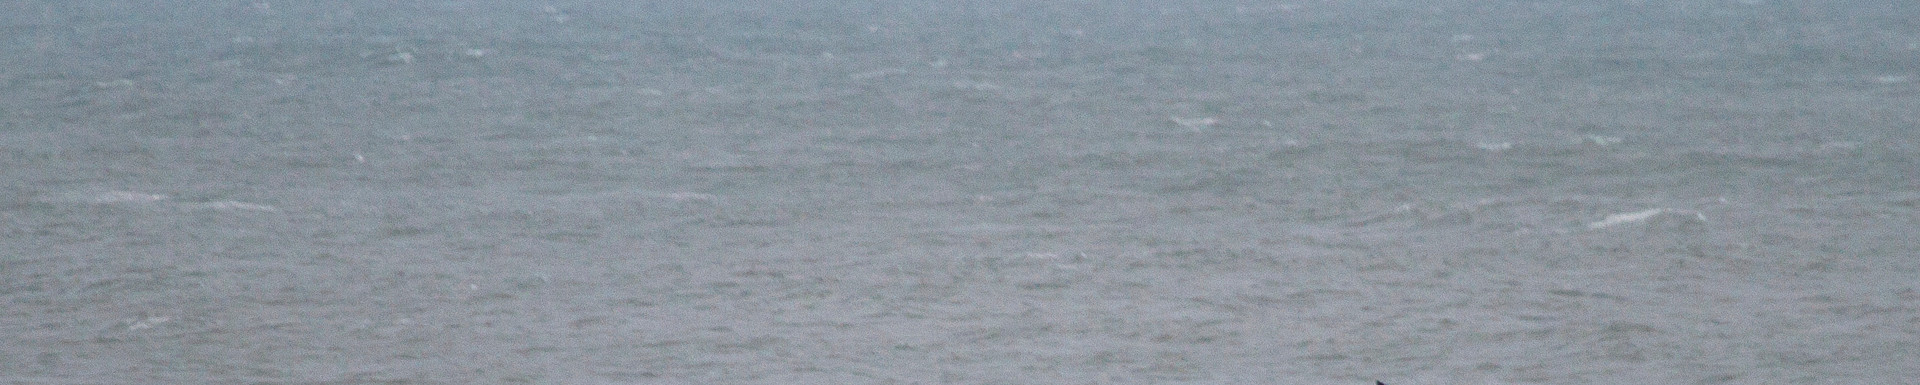 De julho a outubro, é possível  observar  baleias na praia da Guarda do Embaú. Com sorte, o turista pode apreciar um incível show bem à sua frente! Foto: Plínio Bordin  .